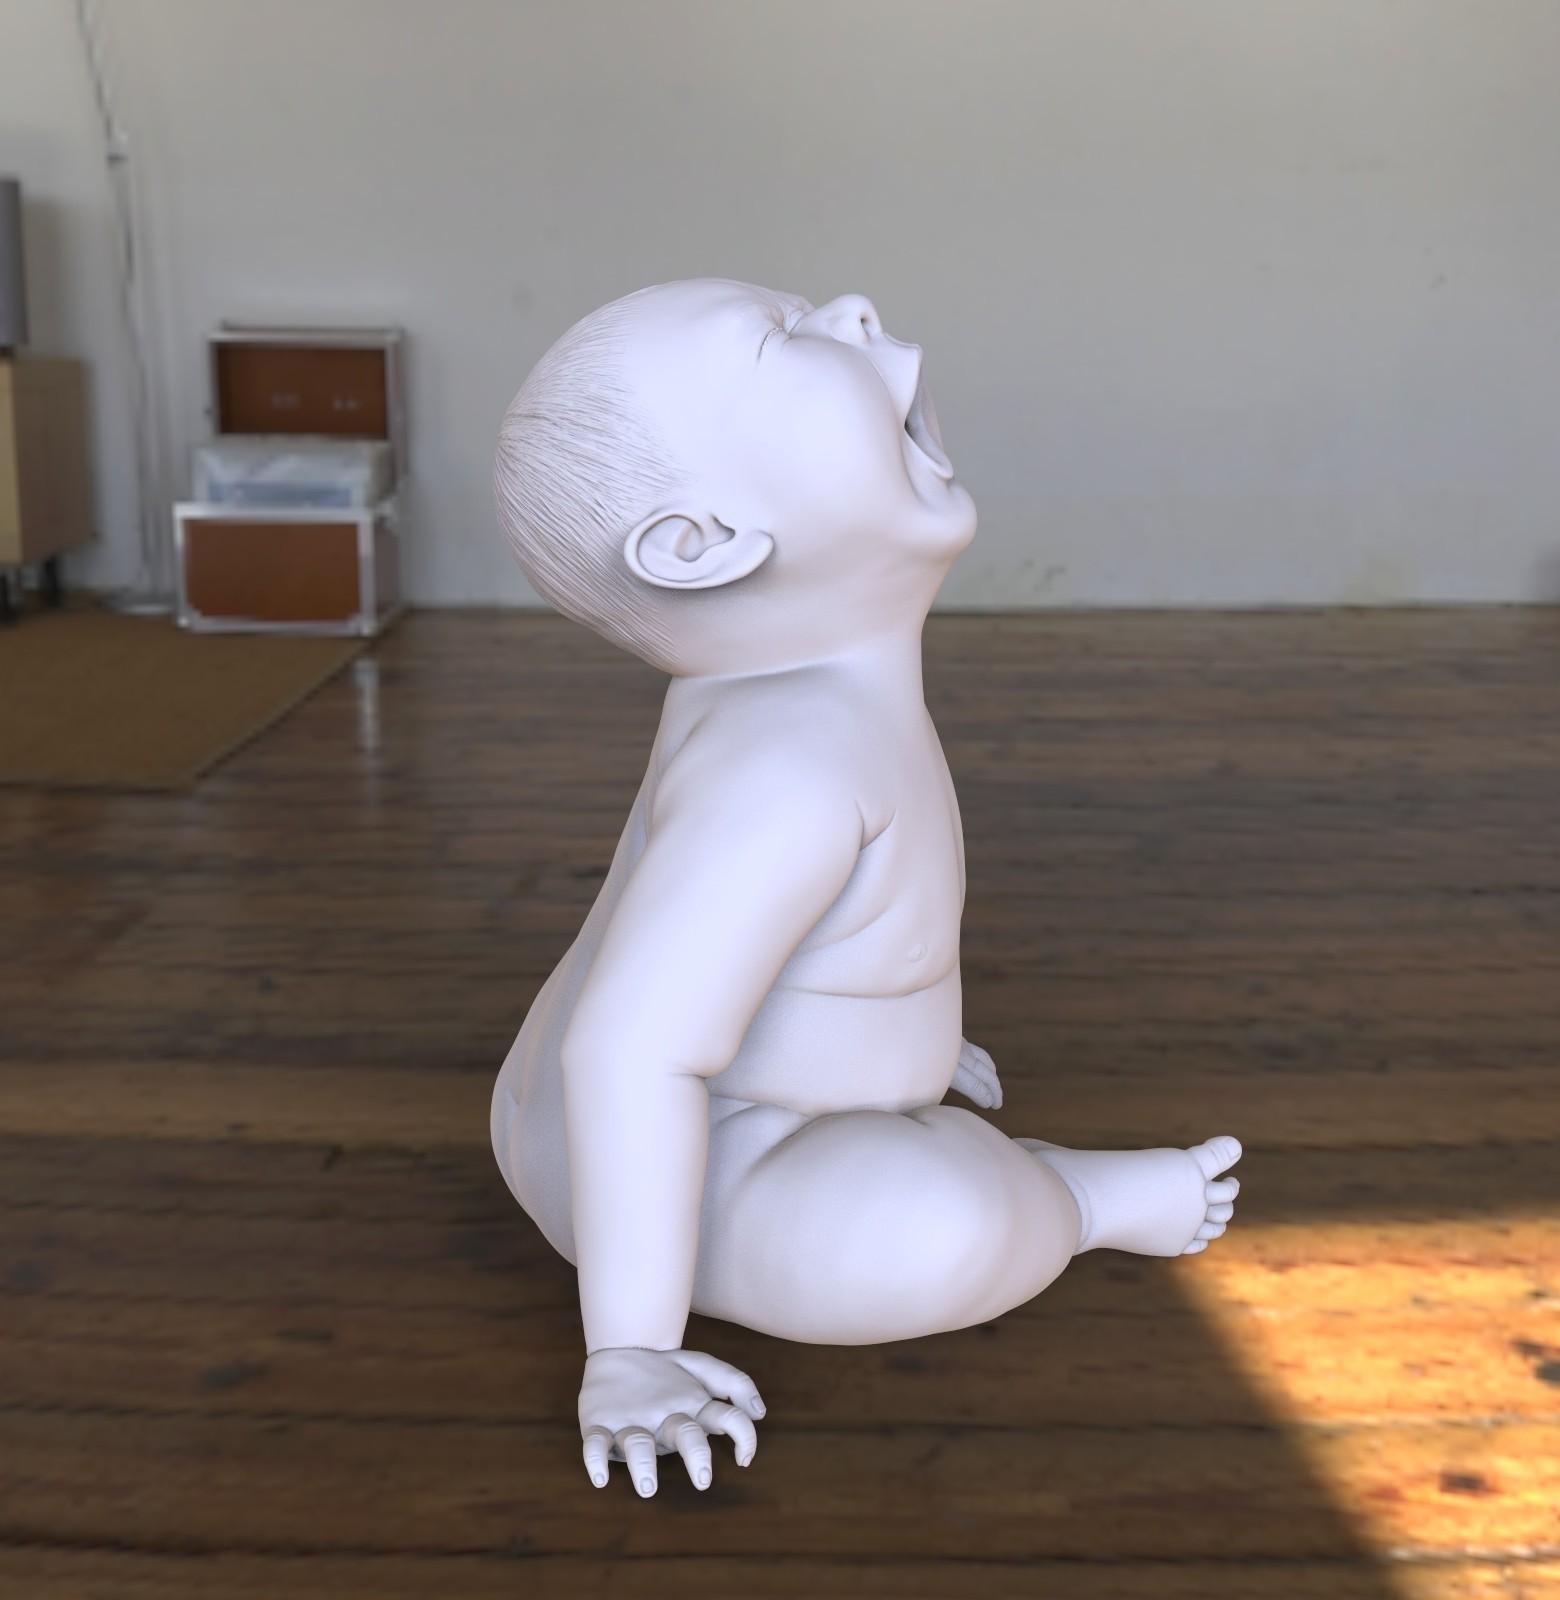 baby05_vorschau..jpg Download OBJ file Angry Baby • 3D printing design, udograf